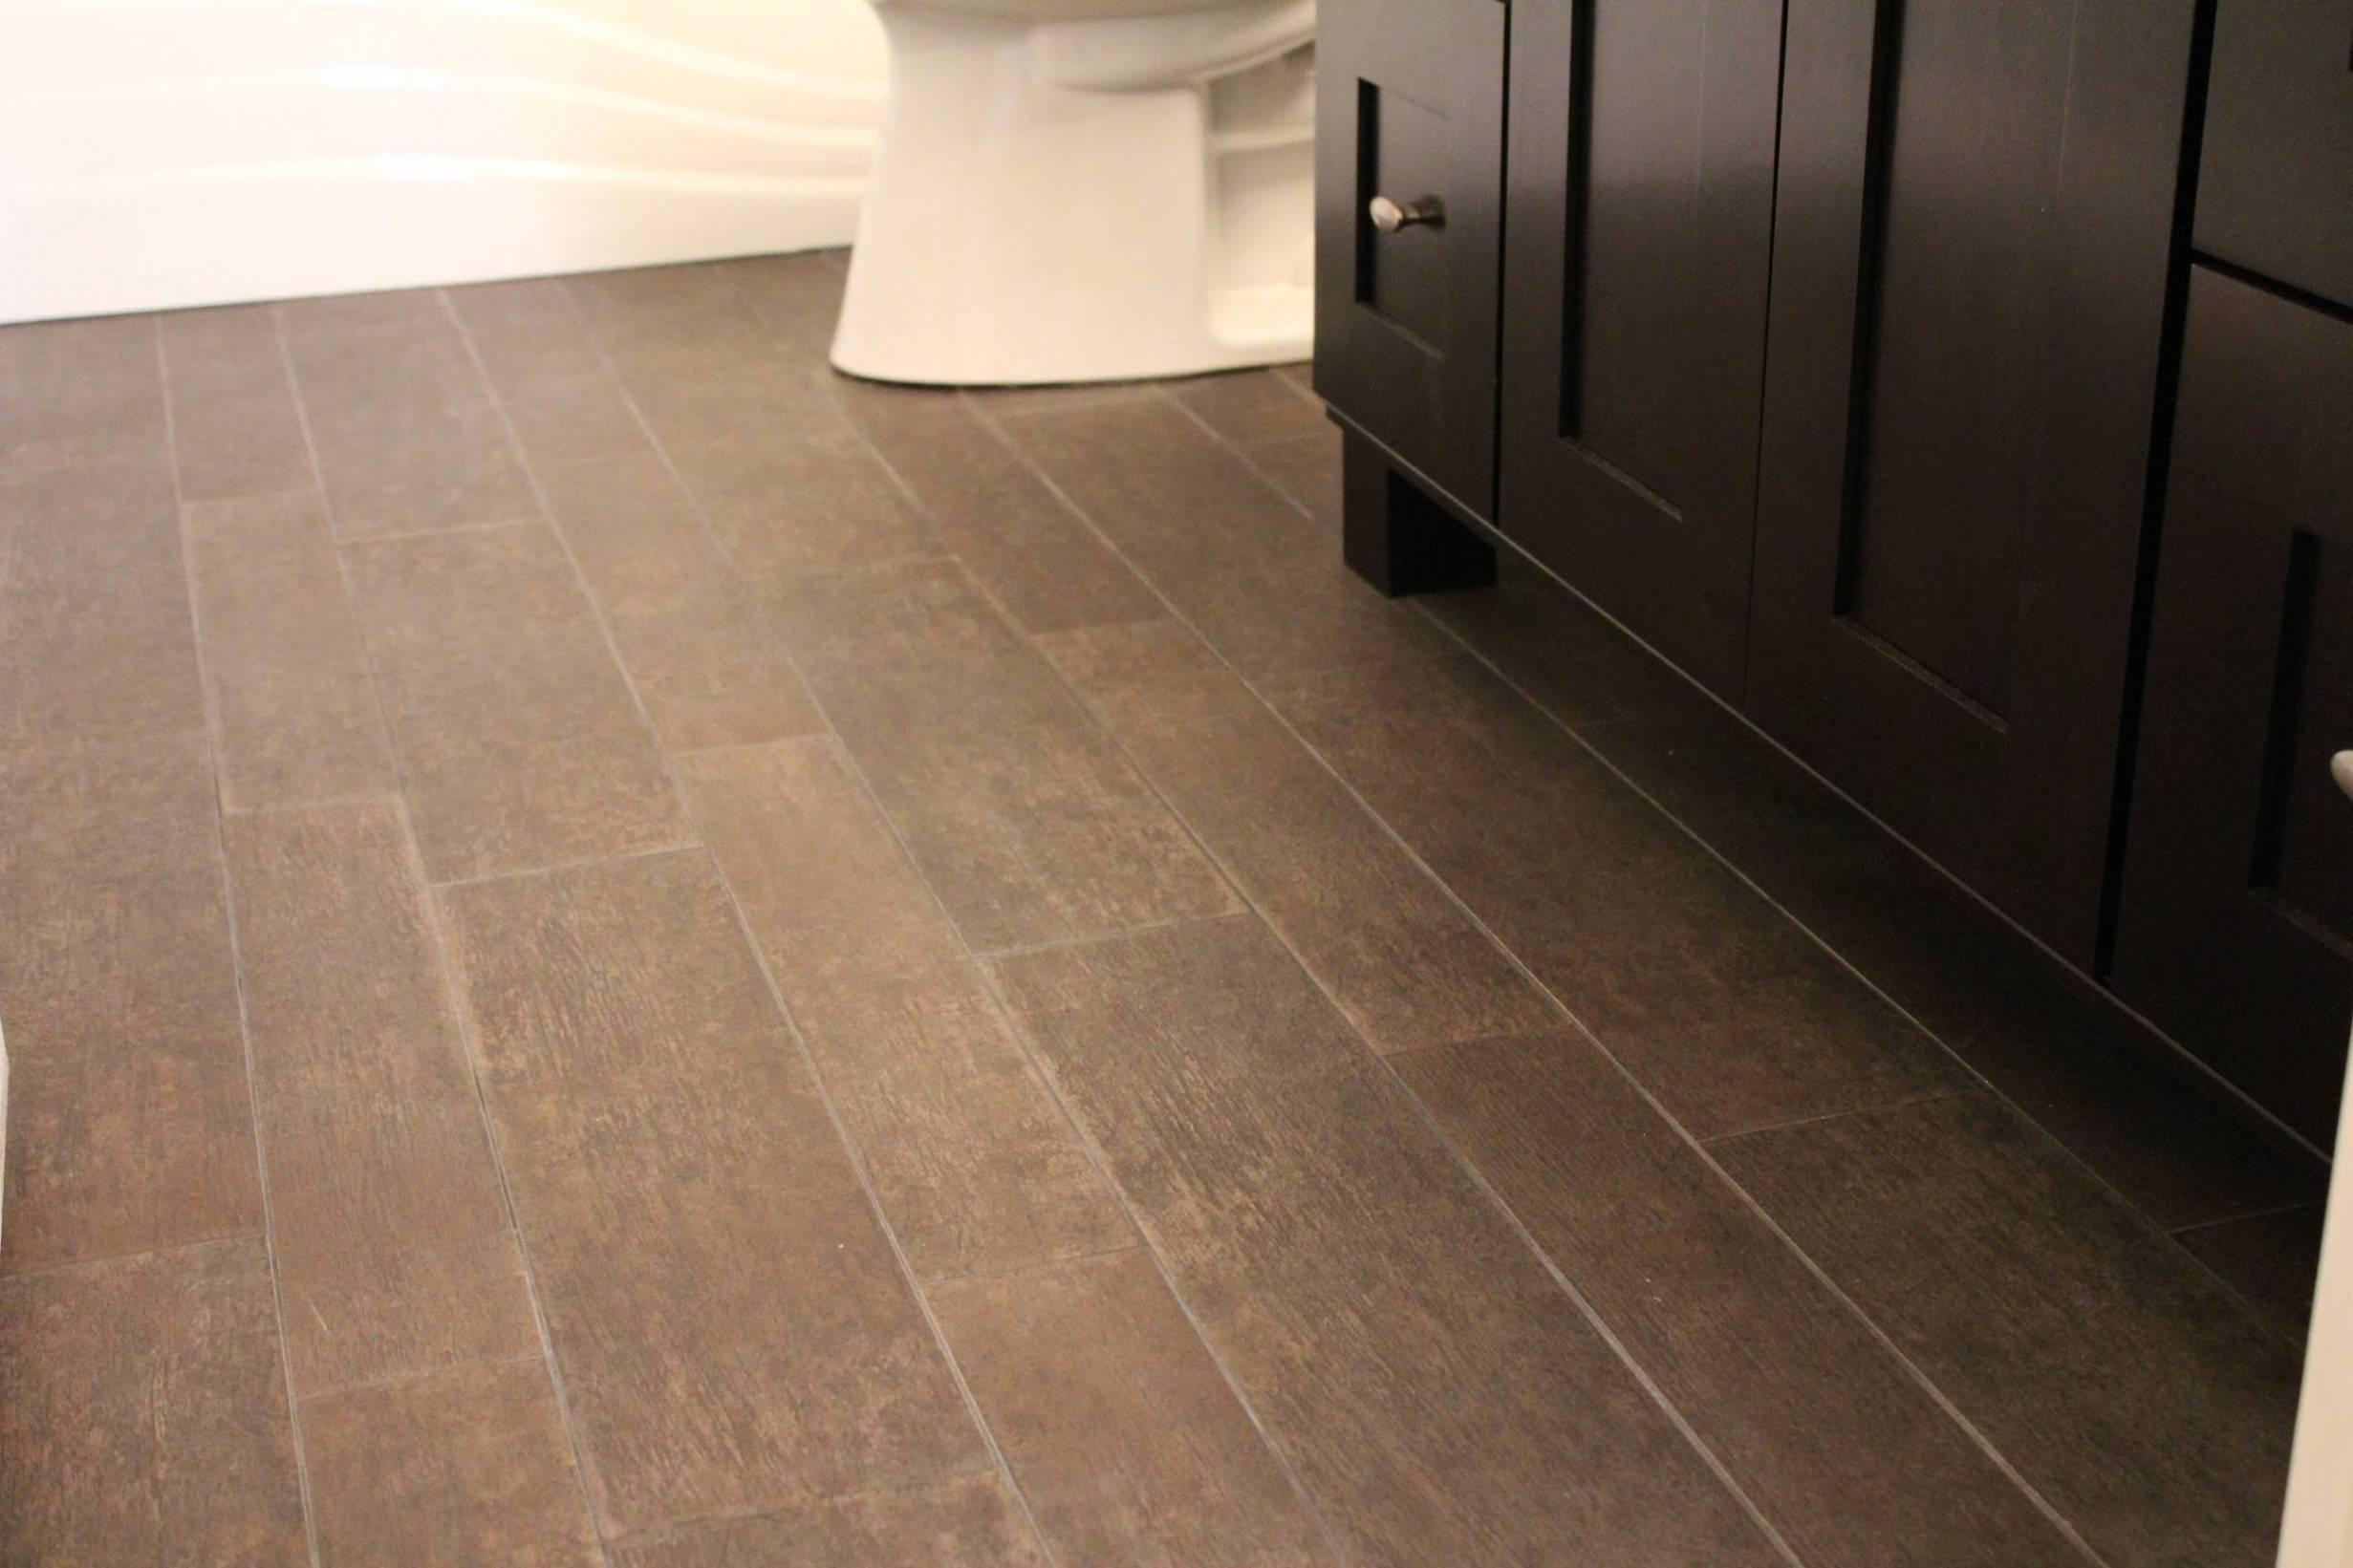 hardwood floor tile in bathroom of tile that looks like hardwood laminate floor tiles for bathroom inside tile that looks like hardwood laminate floor tiles for bathroom elegant od floor til